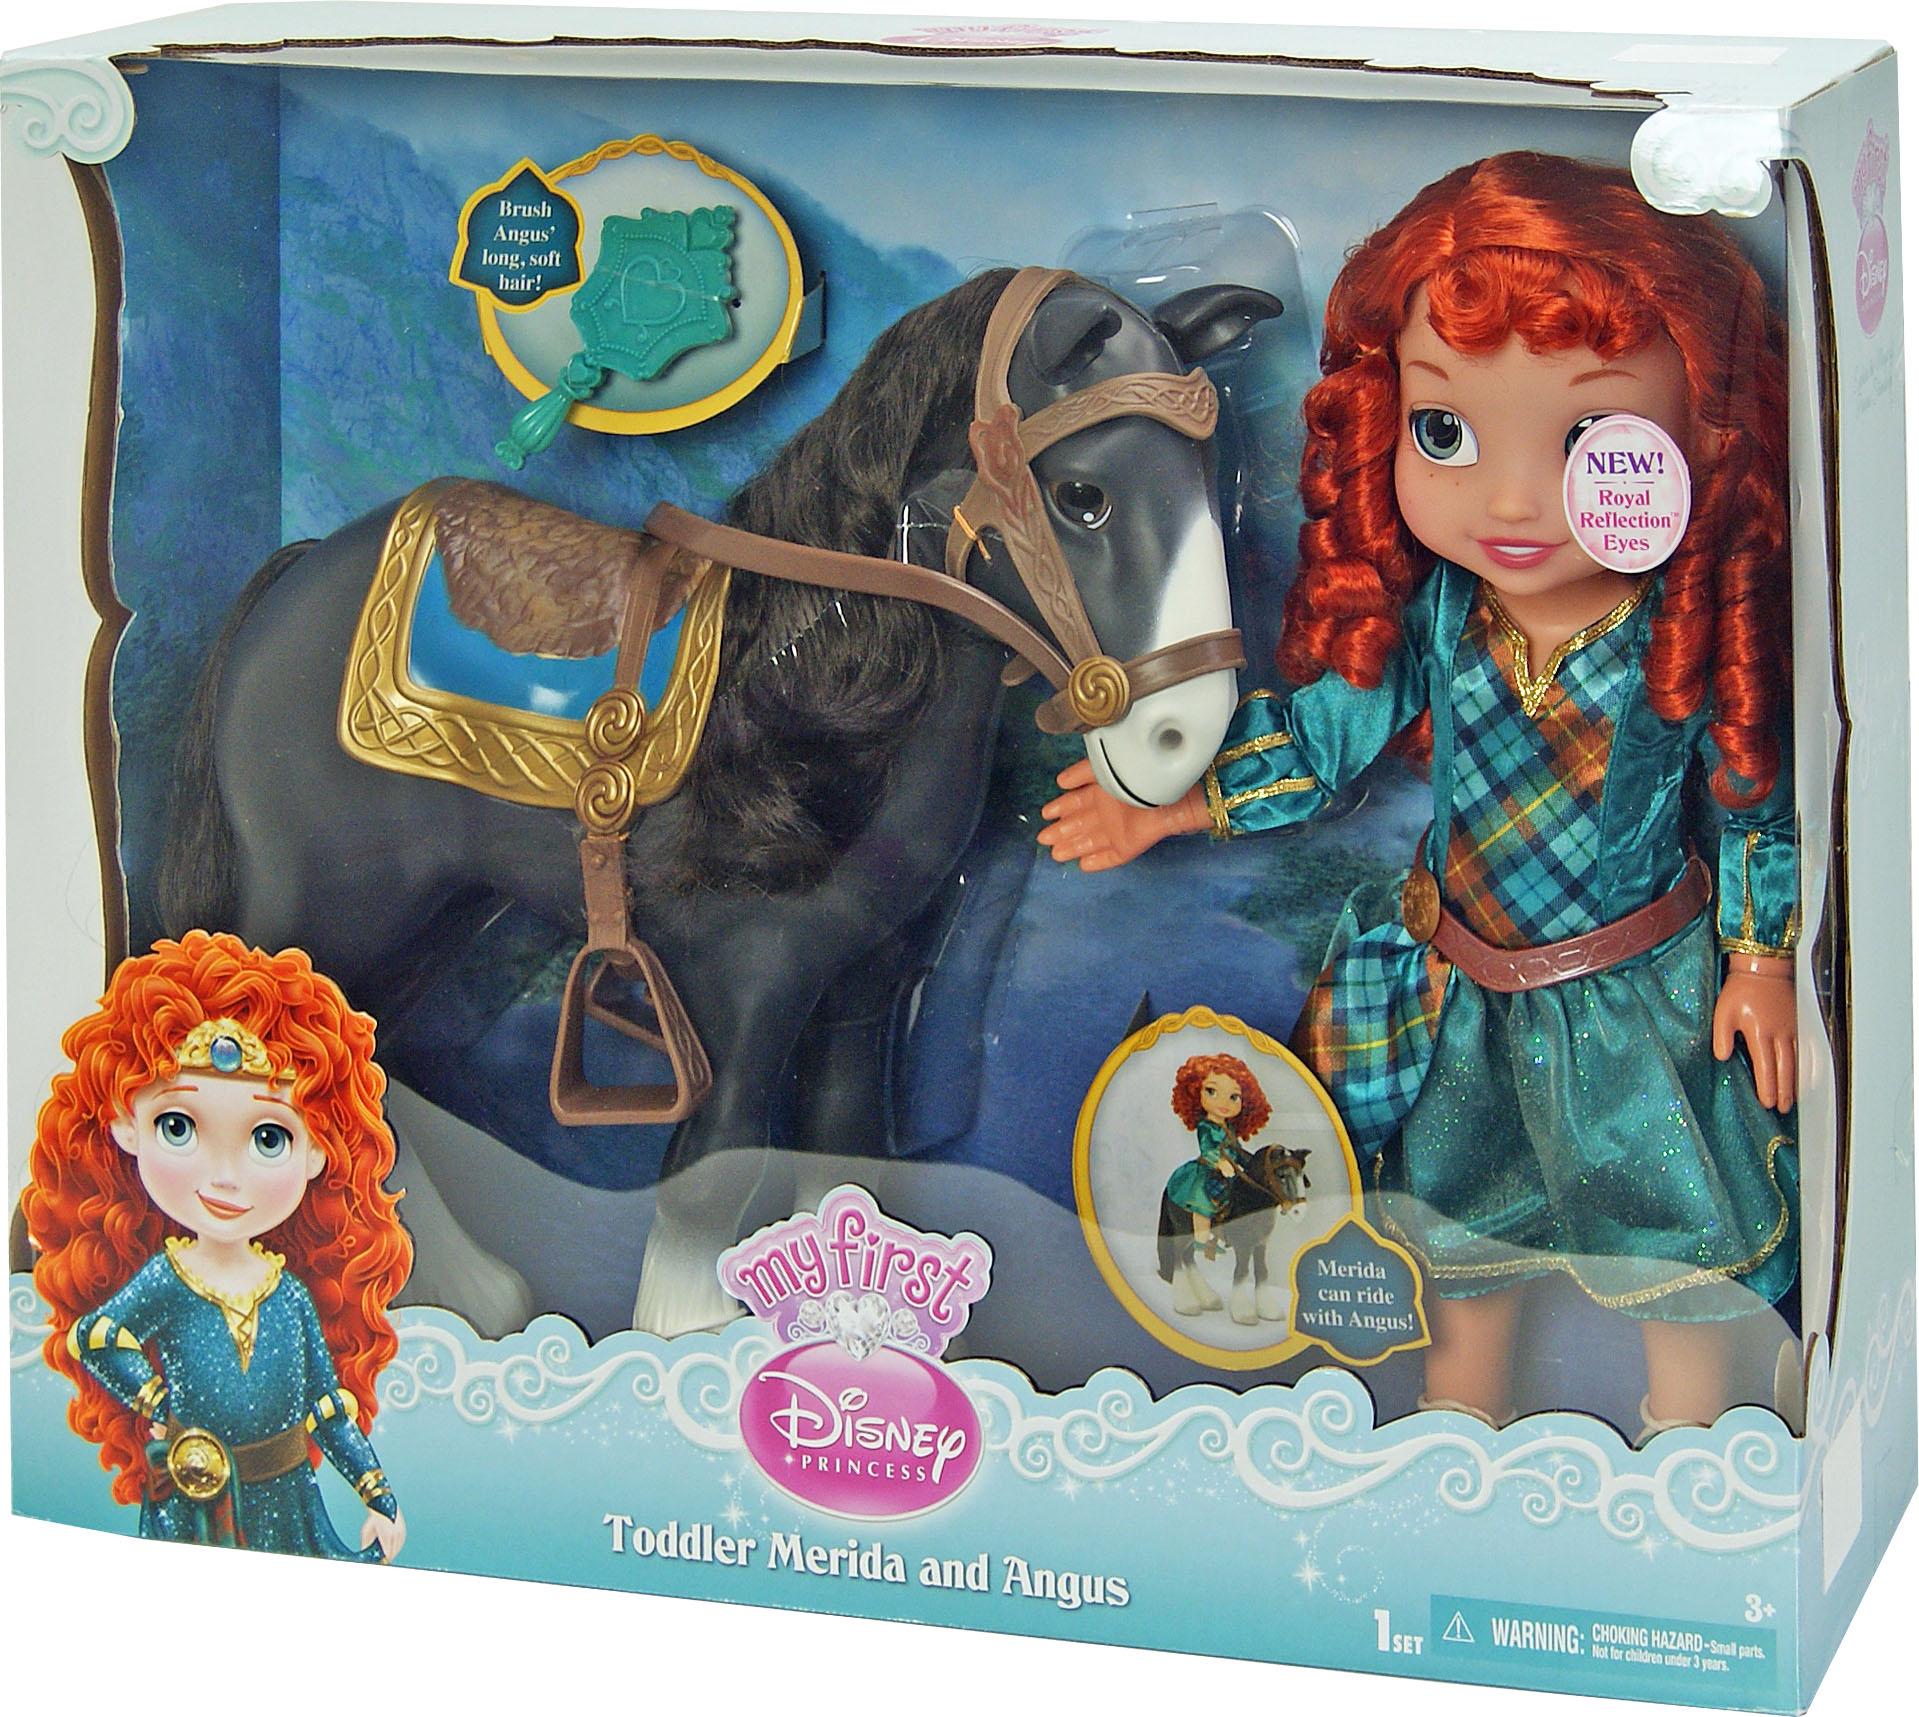 Іграшка лялька Disney Меріда і кінь Ангус арт.76348 (79155)  в кор. 16,5*51*41см